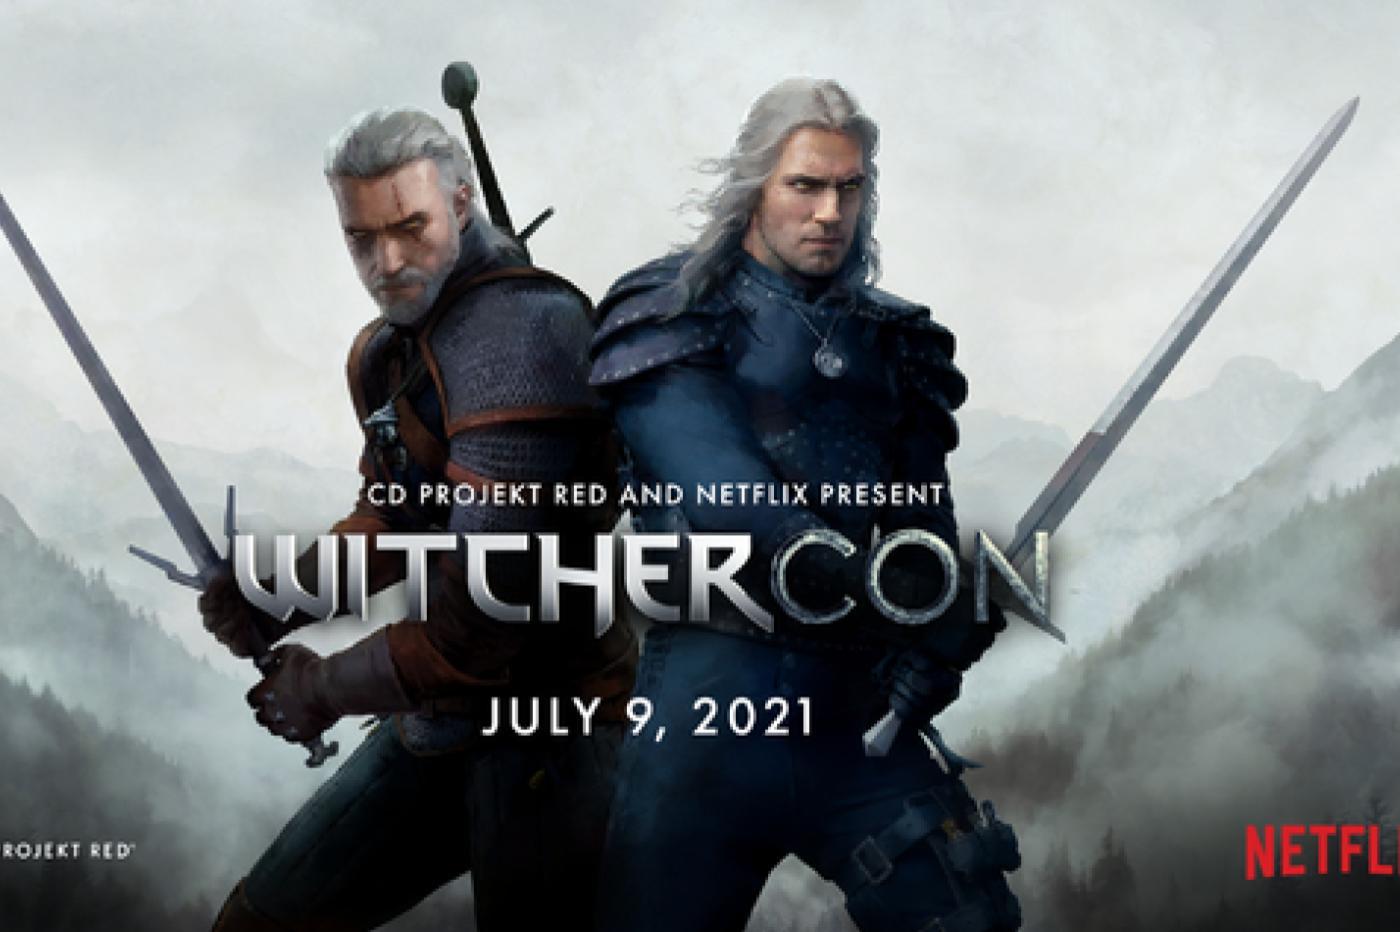 witchercon netflix